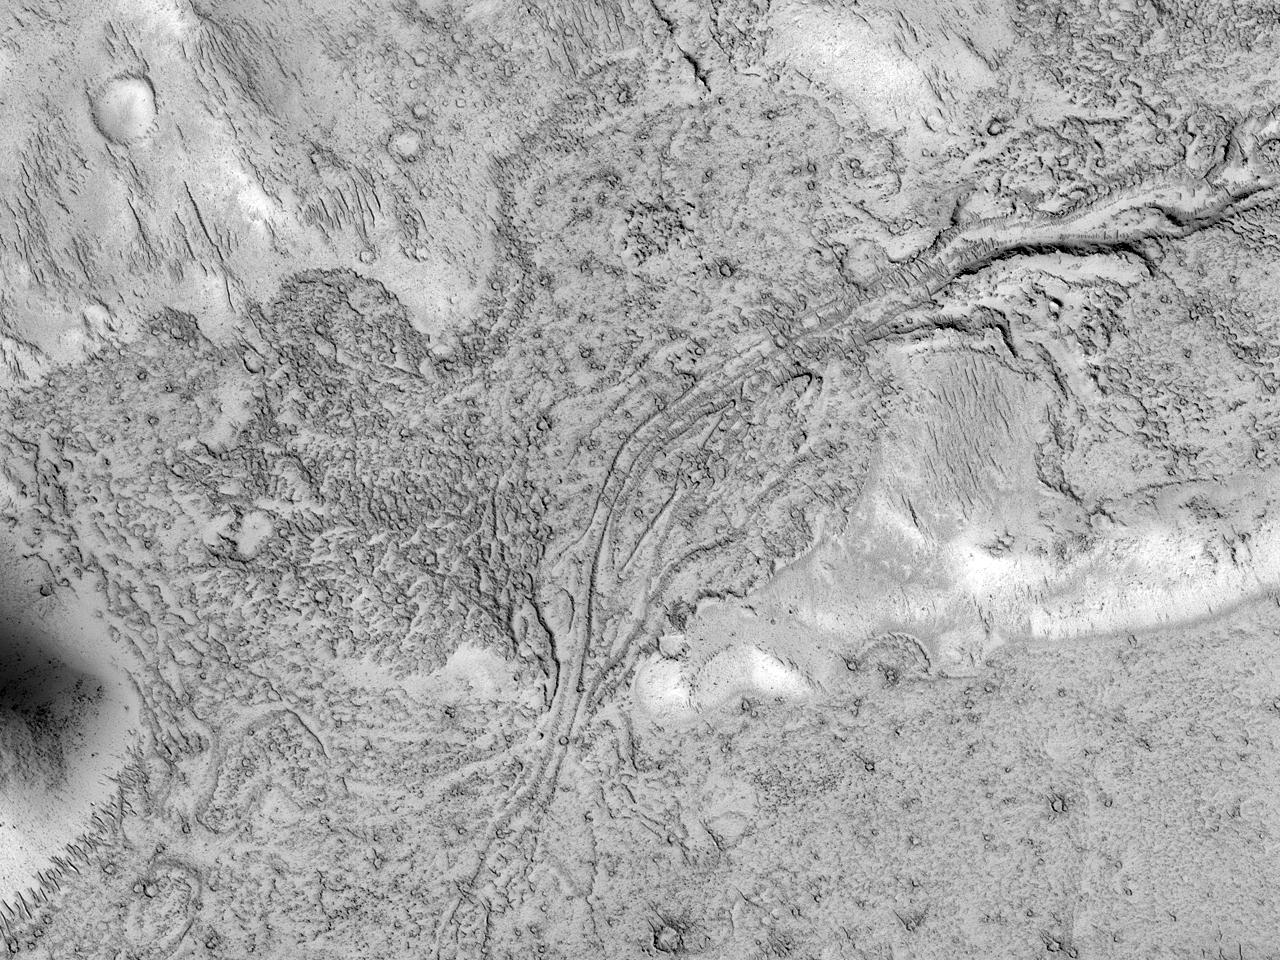 Канал в потоке лавы в районе гор Tartarus Montes